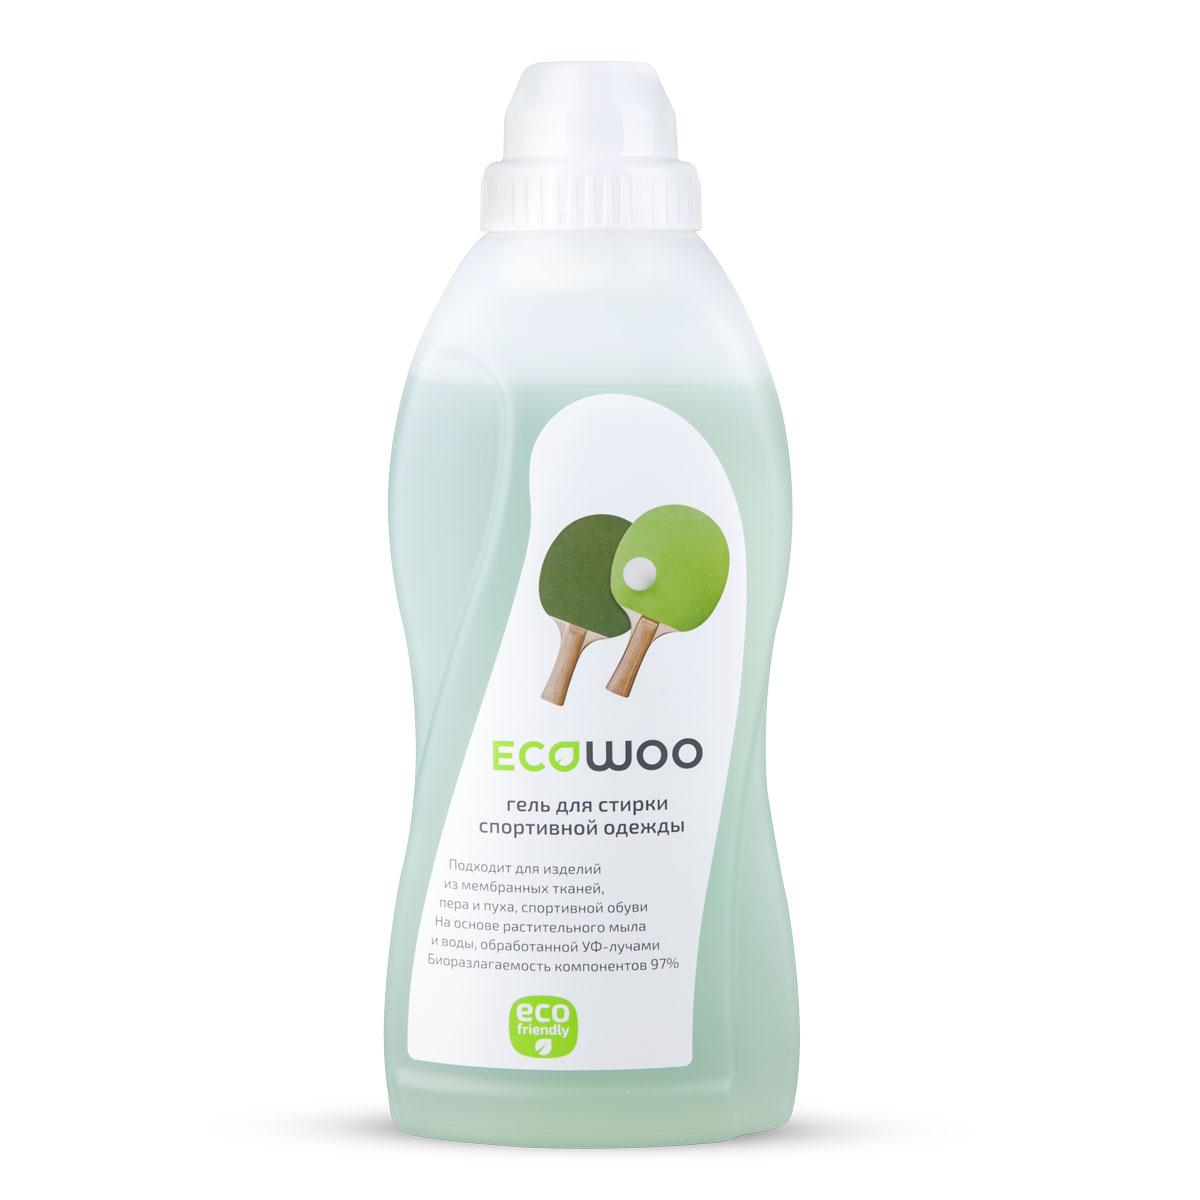 Гель для стирки спортивной одежды EcoWoo, 700 млGC204/30Гель EcoWoo подходит для стирки изделий из мембранных тканей, пера и пуха, спортивной обуви. Изготовлен на основе растительного мыла и воды, обработанной УФ-лучами. Биоразлагаемость компонентов 97%.Меры предосторожности: использовать только по назначению. При попадании в глаза и слизистые промыть большим количеством воды. При ручной стирке избегайте длительного контакта неразбавленного средства с кожей. Не употреблять в пищу.Состав: вода специально подготовленная, АПАВ 5-15%, растительное мыло 5-15%, НПАВ Товар сертифицирован.